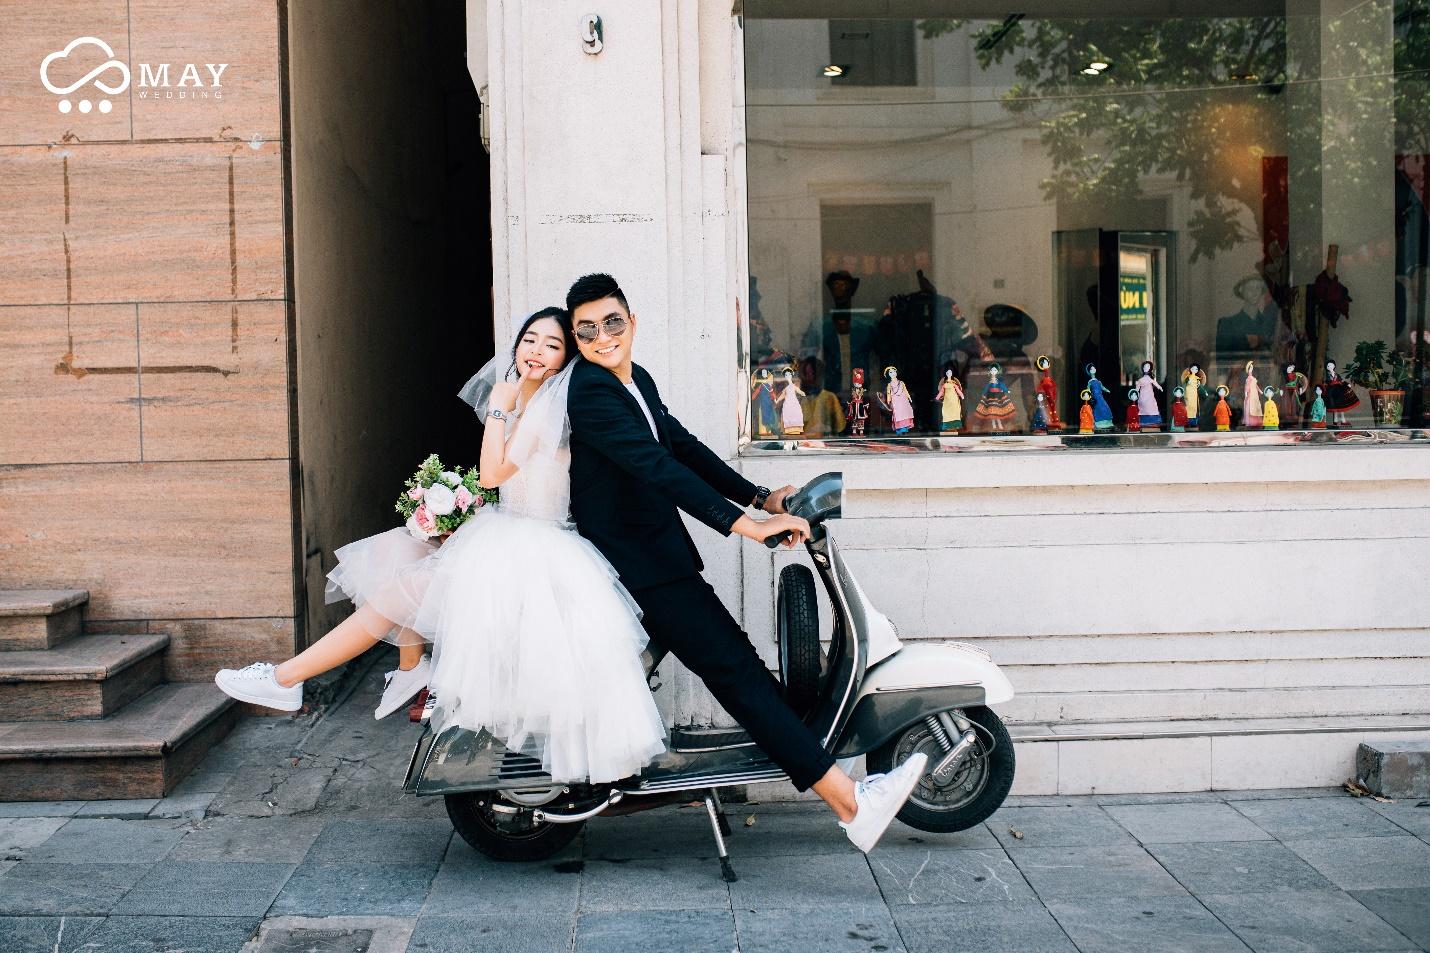 Cùng nhau cưới chất với loạt ảnh cưới \u201cđẹp tự nhiên mà không trộn lẫn